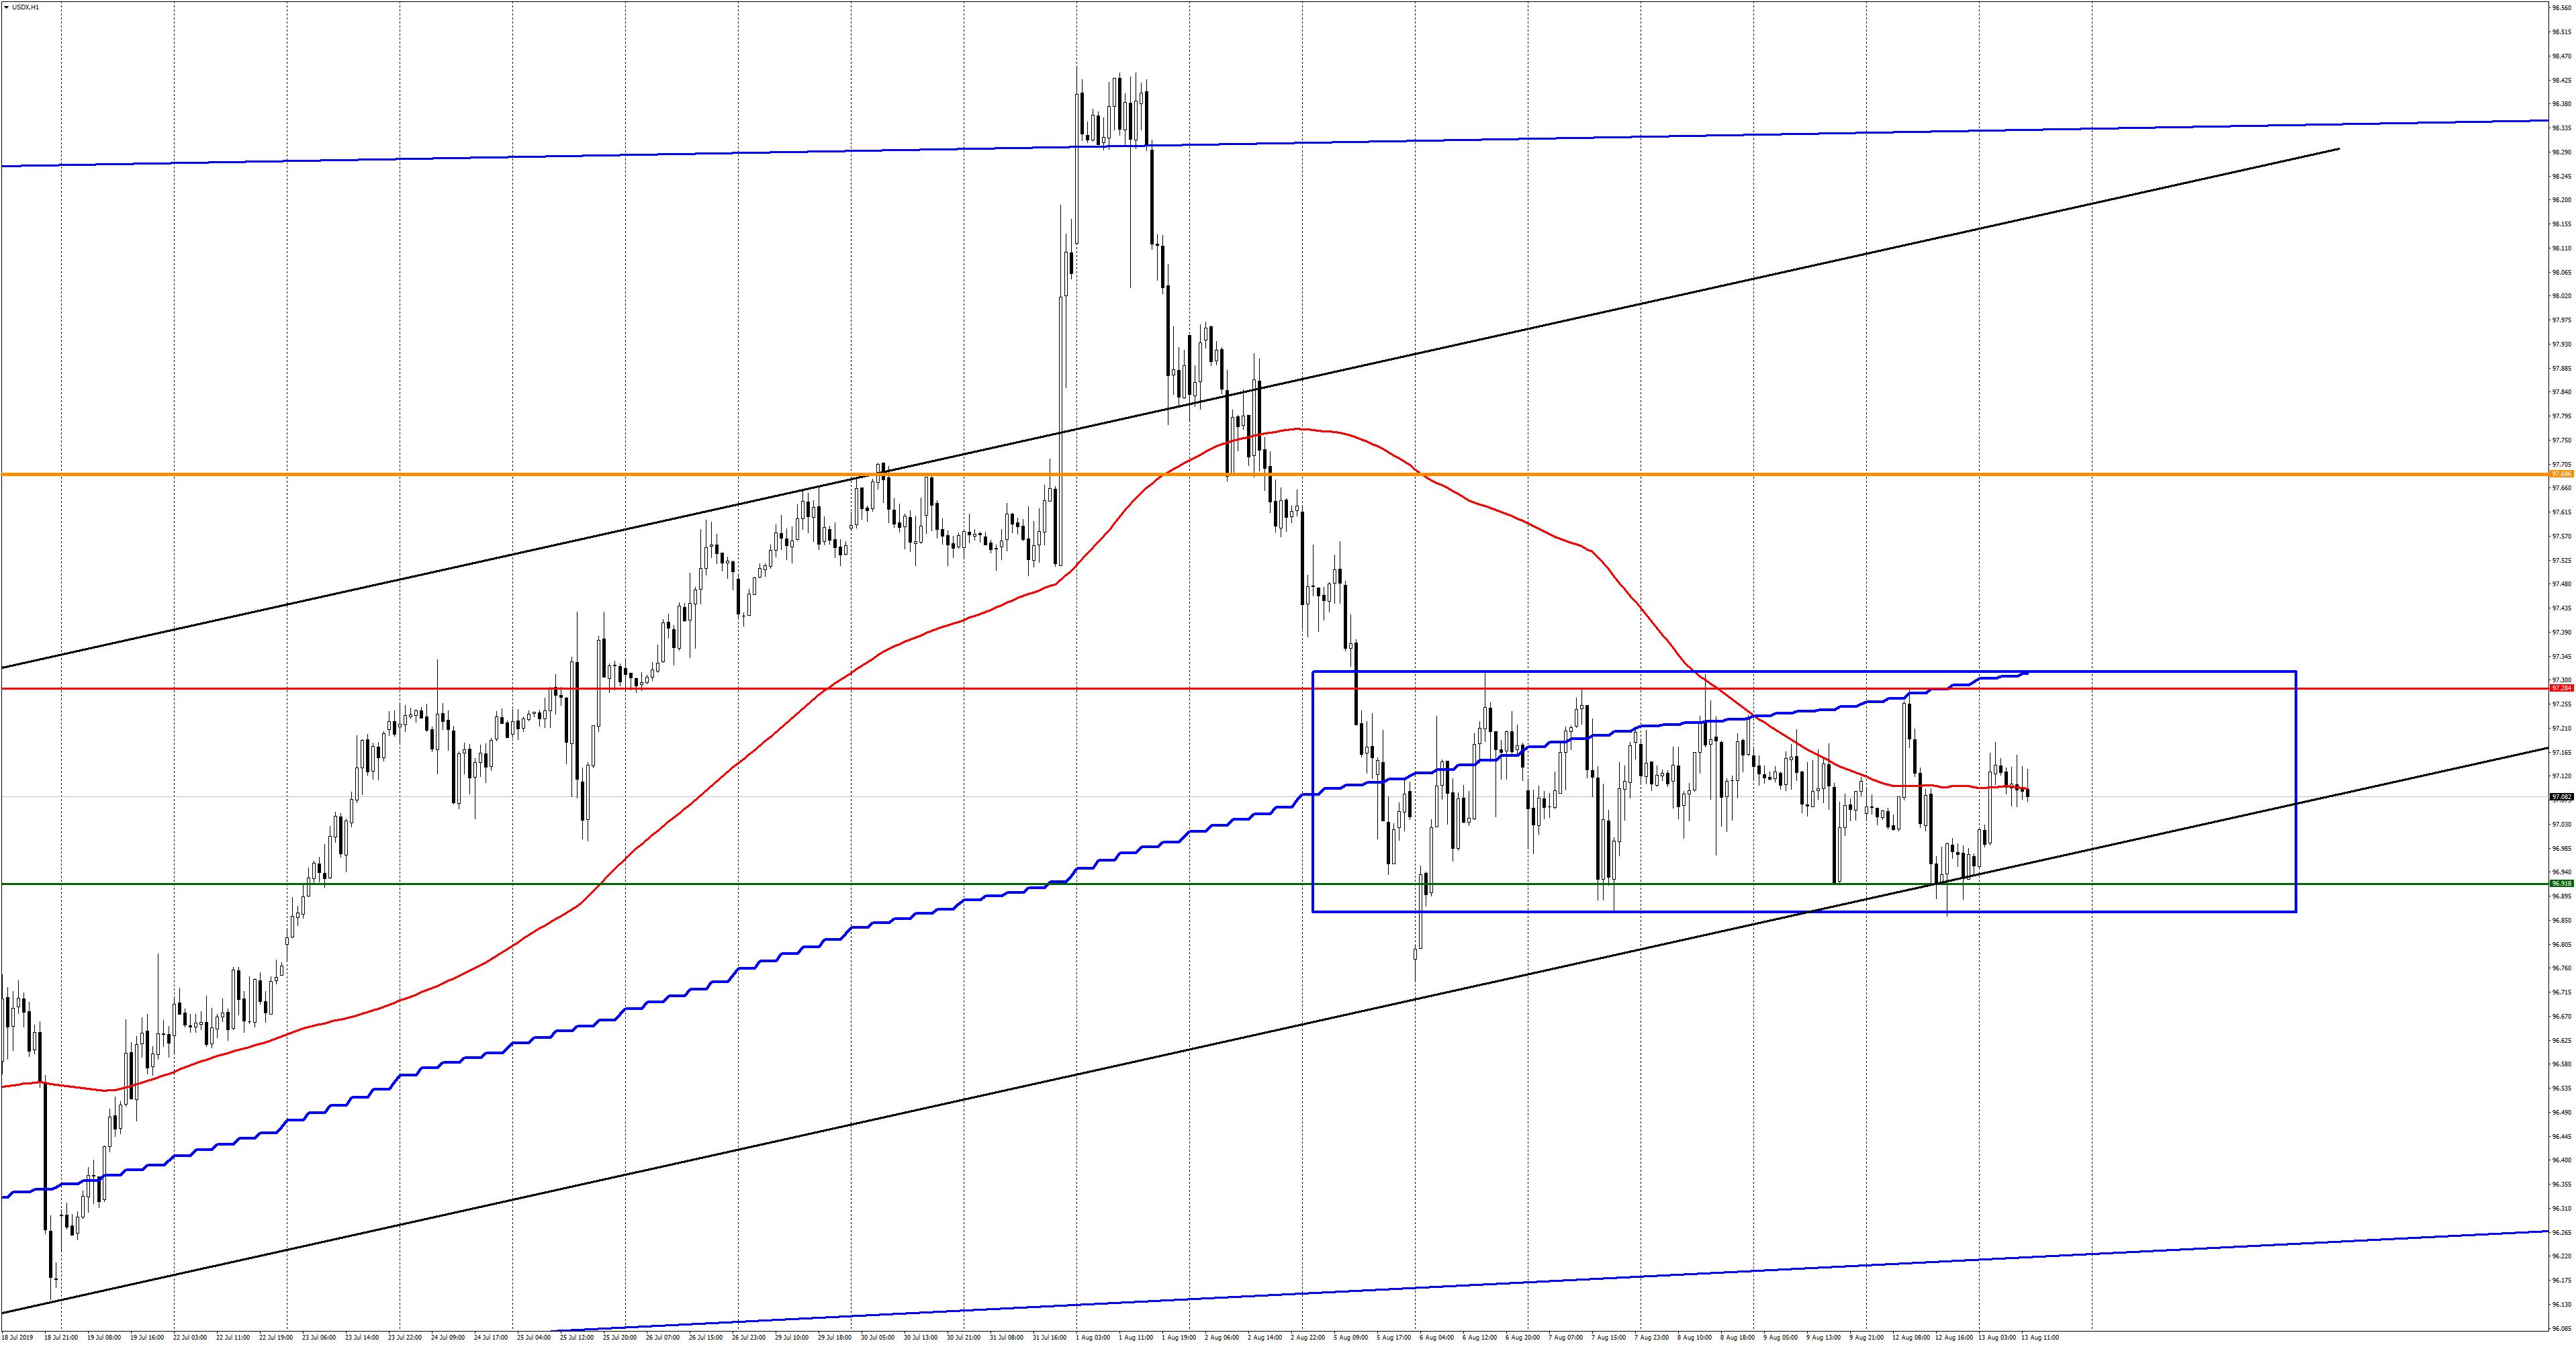 USDXH1-130819